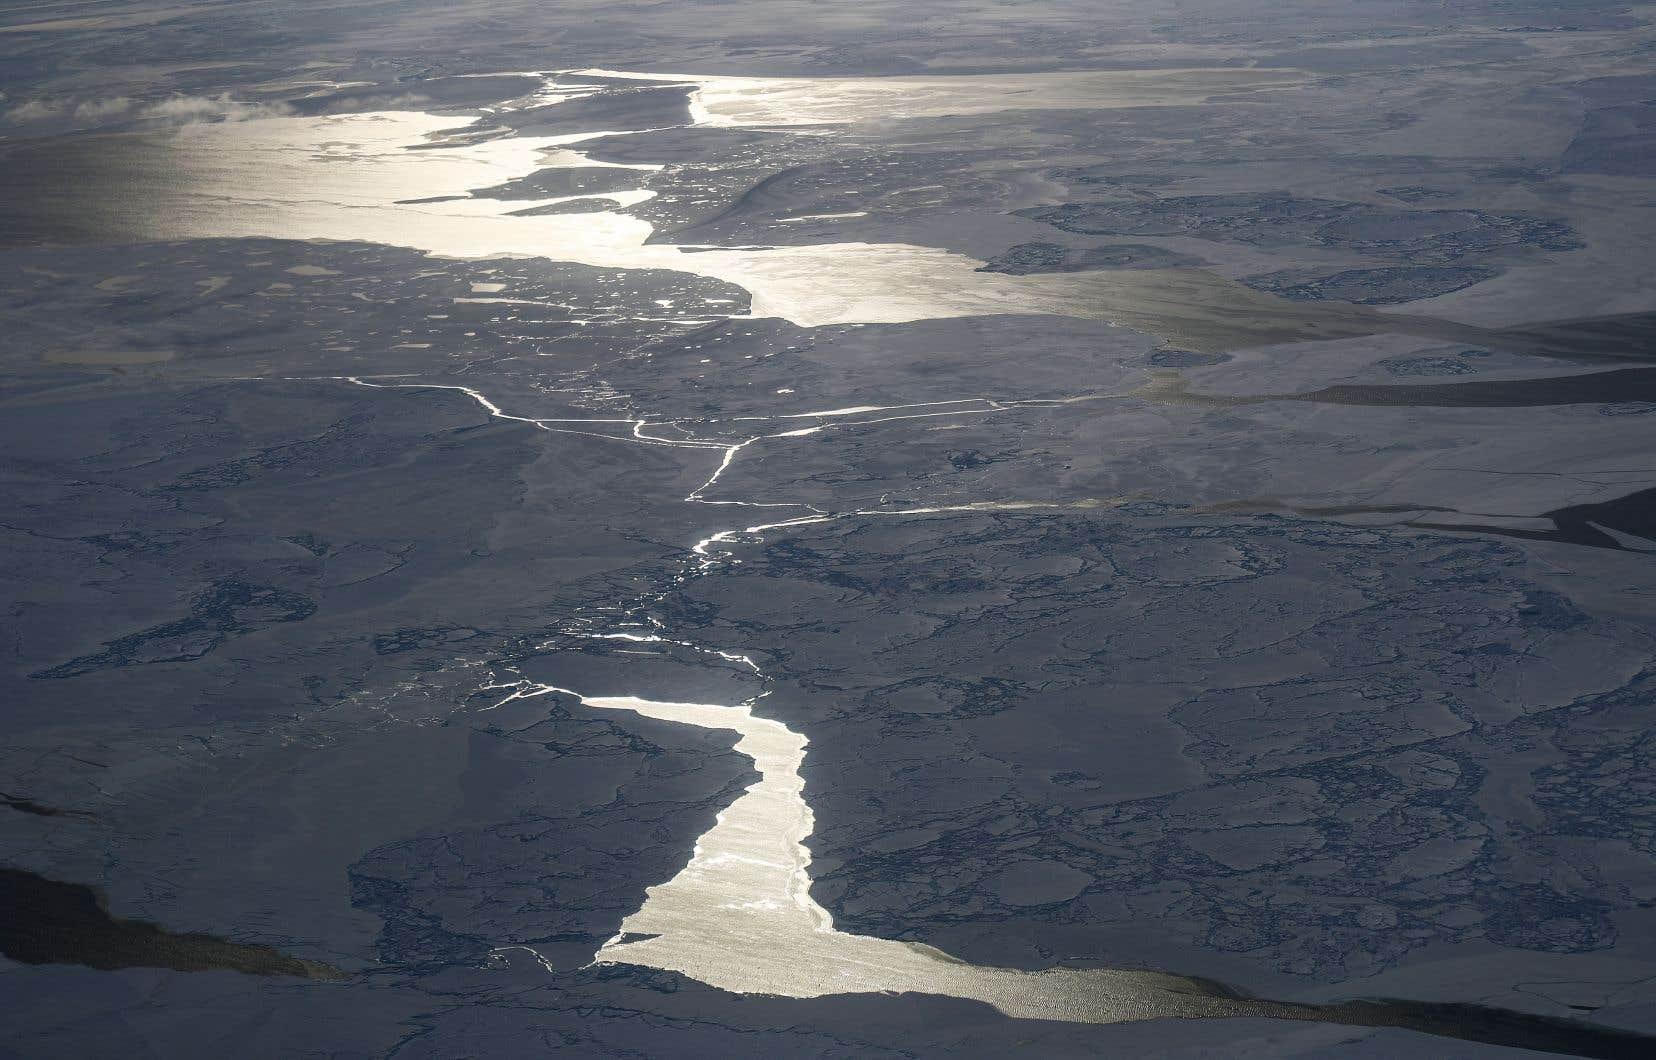 Après des années de retard et de pressions politiques, le Canada a décidé de revendiquer une vaste partie des fonds marins arctiques, y compris le pôle Nord.